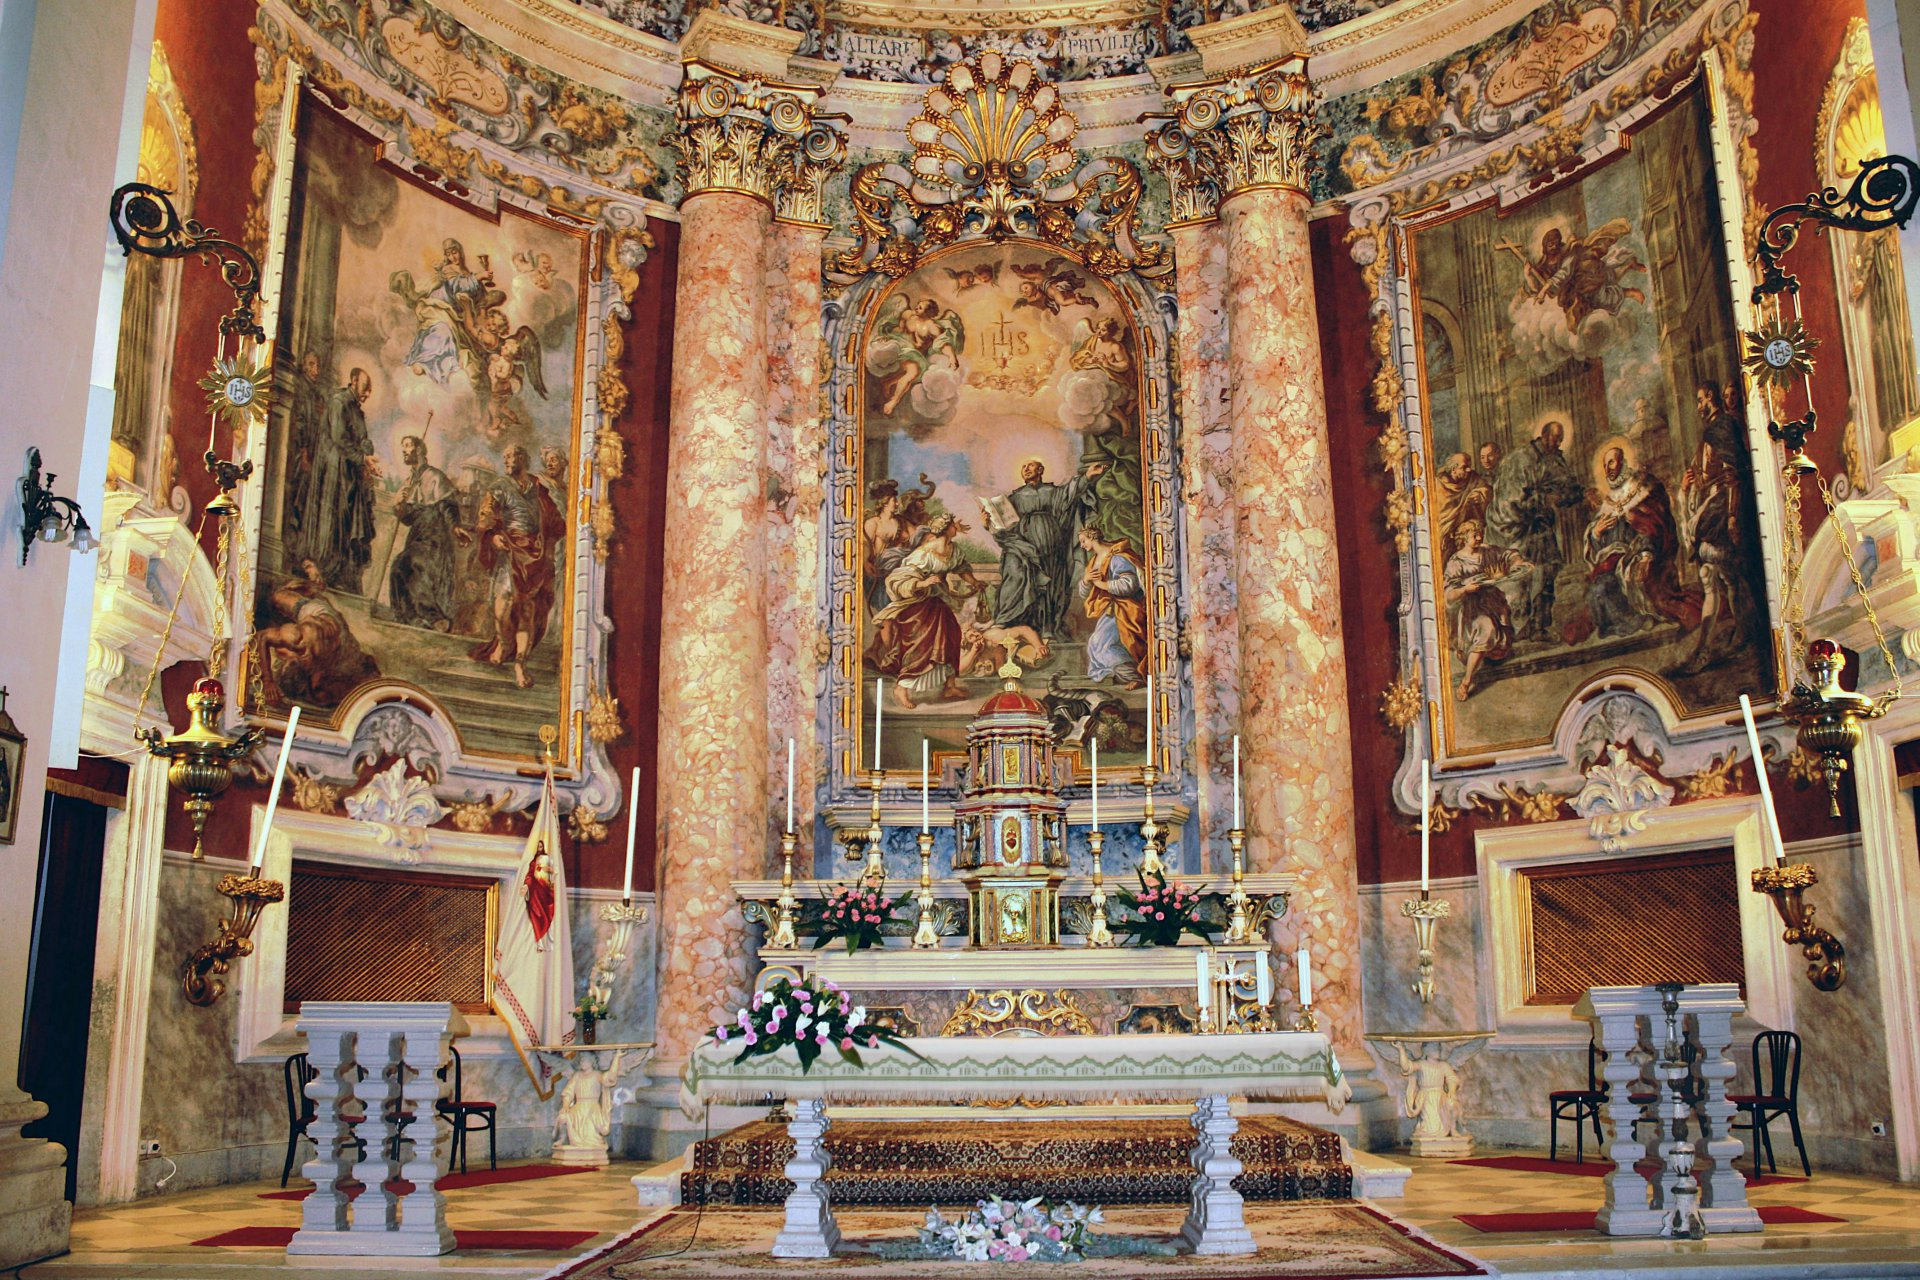 Crkva sv Ignacija interijer